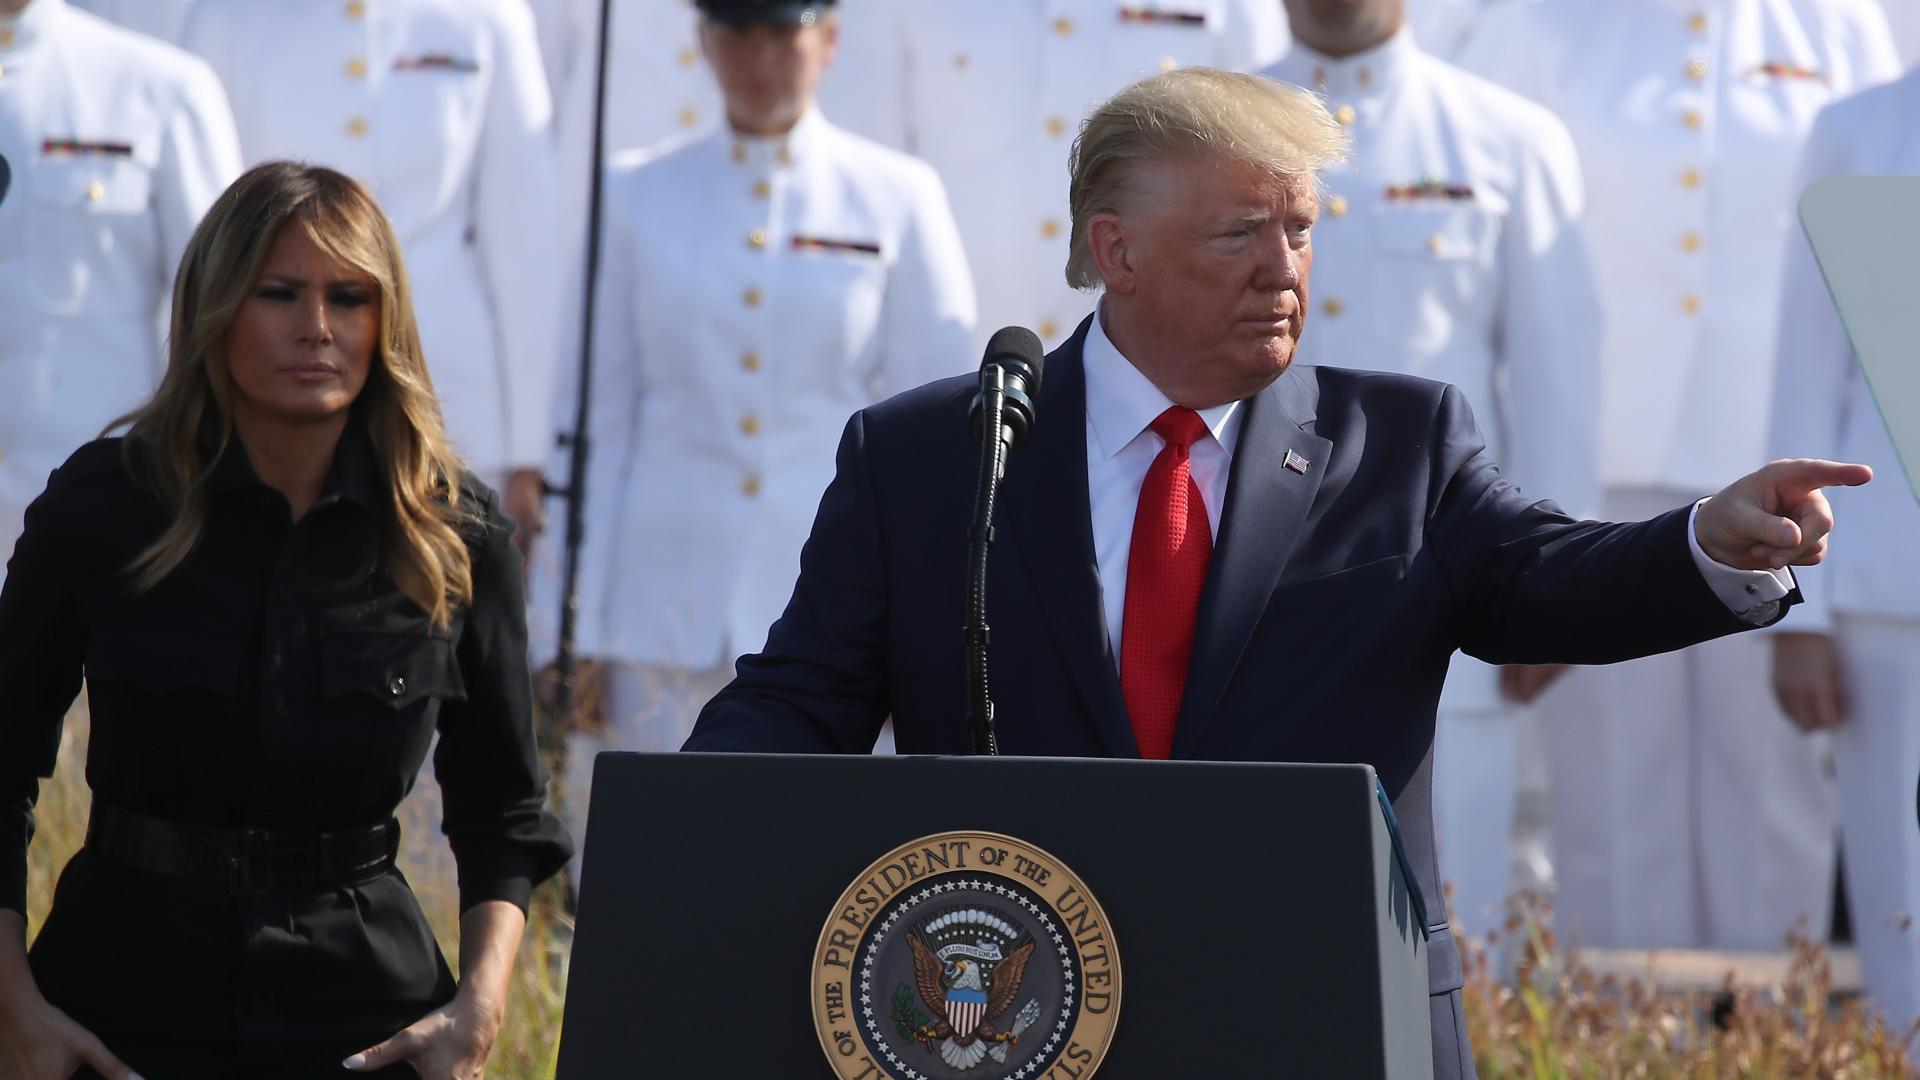 ترامب في ذكرى 11 سبتمبر: سنضرب الأعداء بقوة لم يروا مثلها من قبل